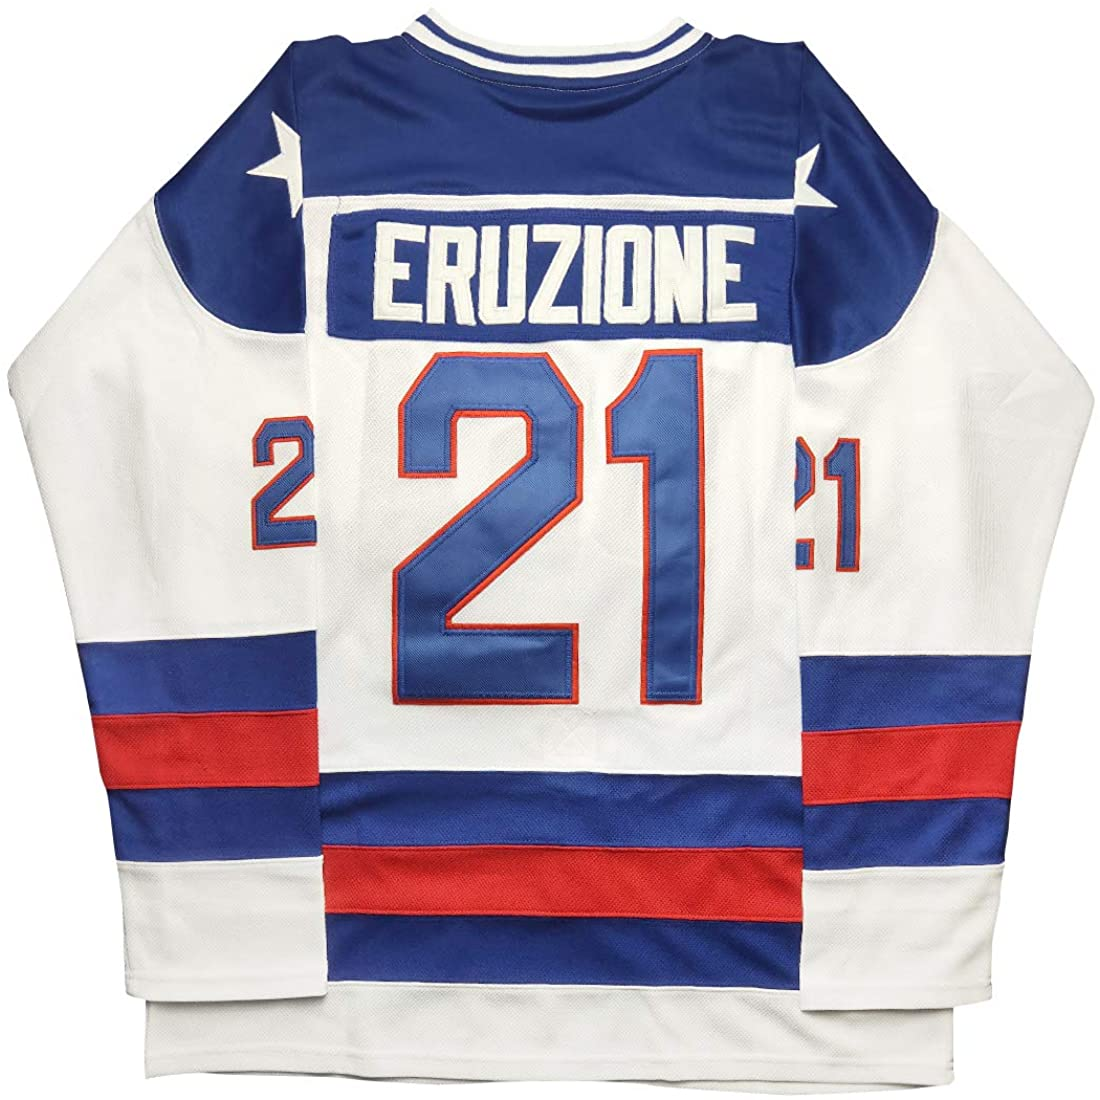 Kobejersey Mike Eruzione Jersey, Eruzione #21 1980 Miracle USA Ice Hockey Jerseys …